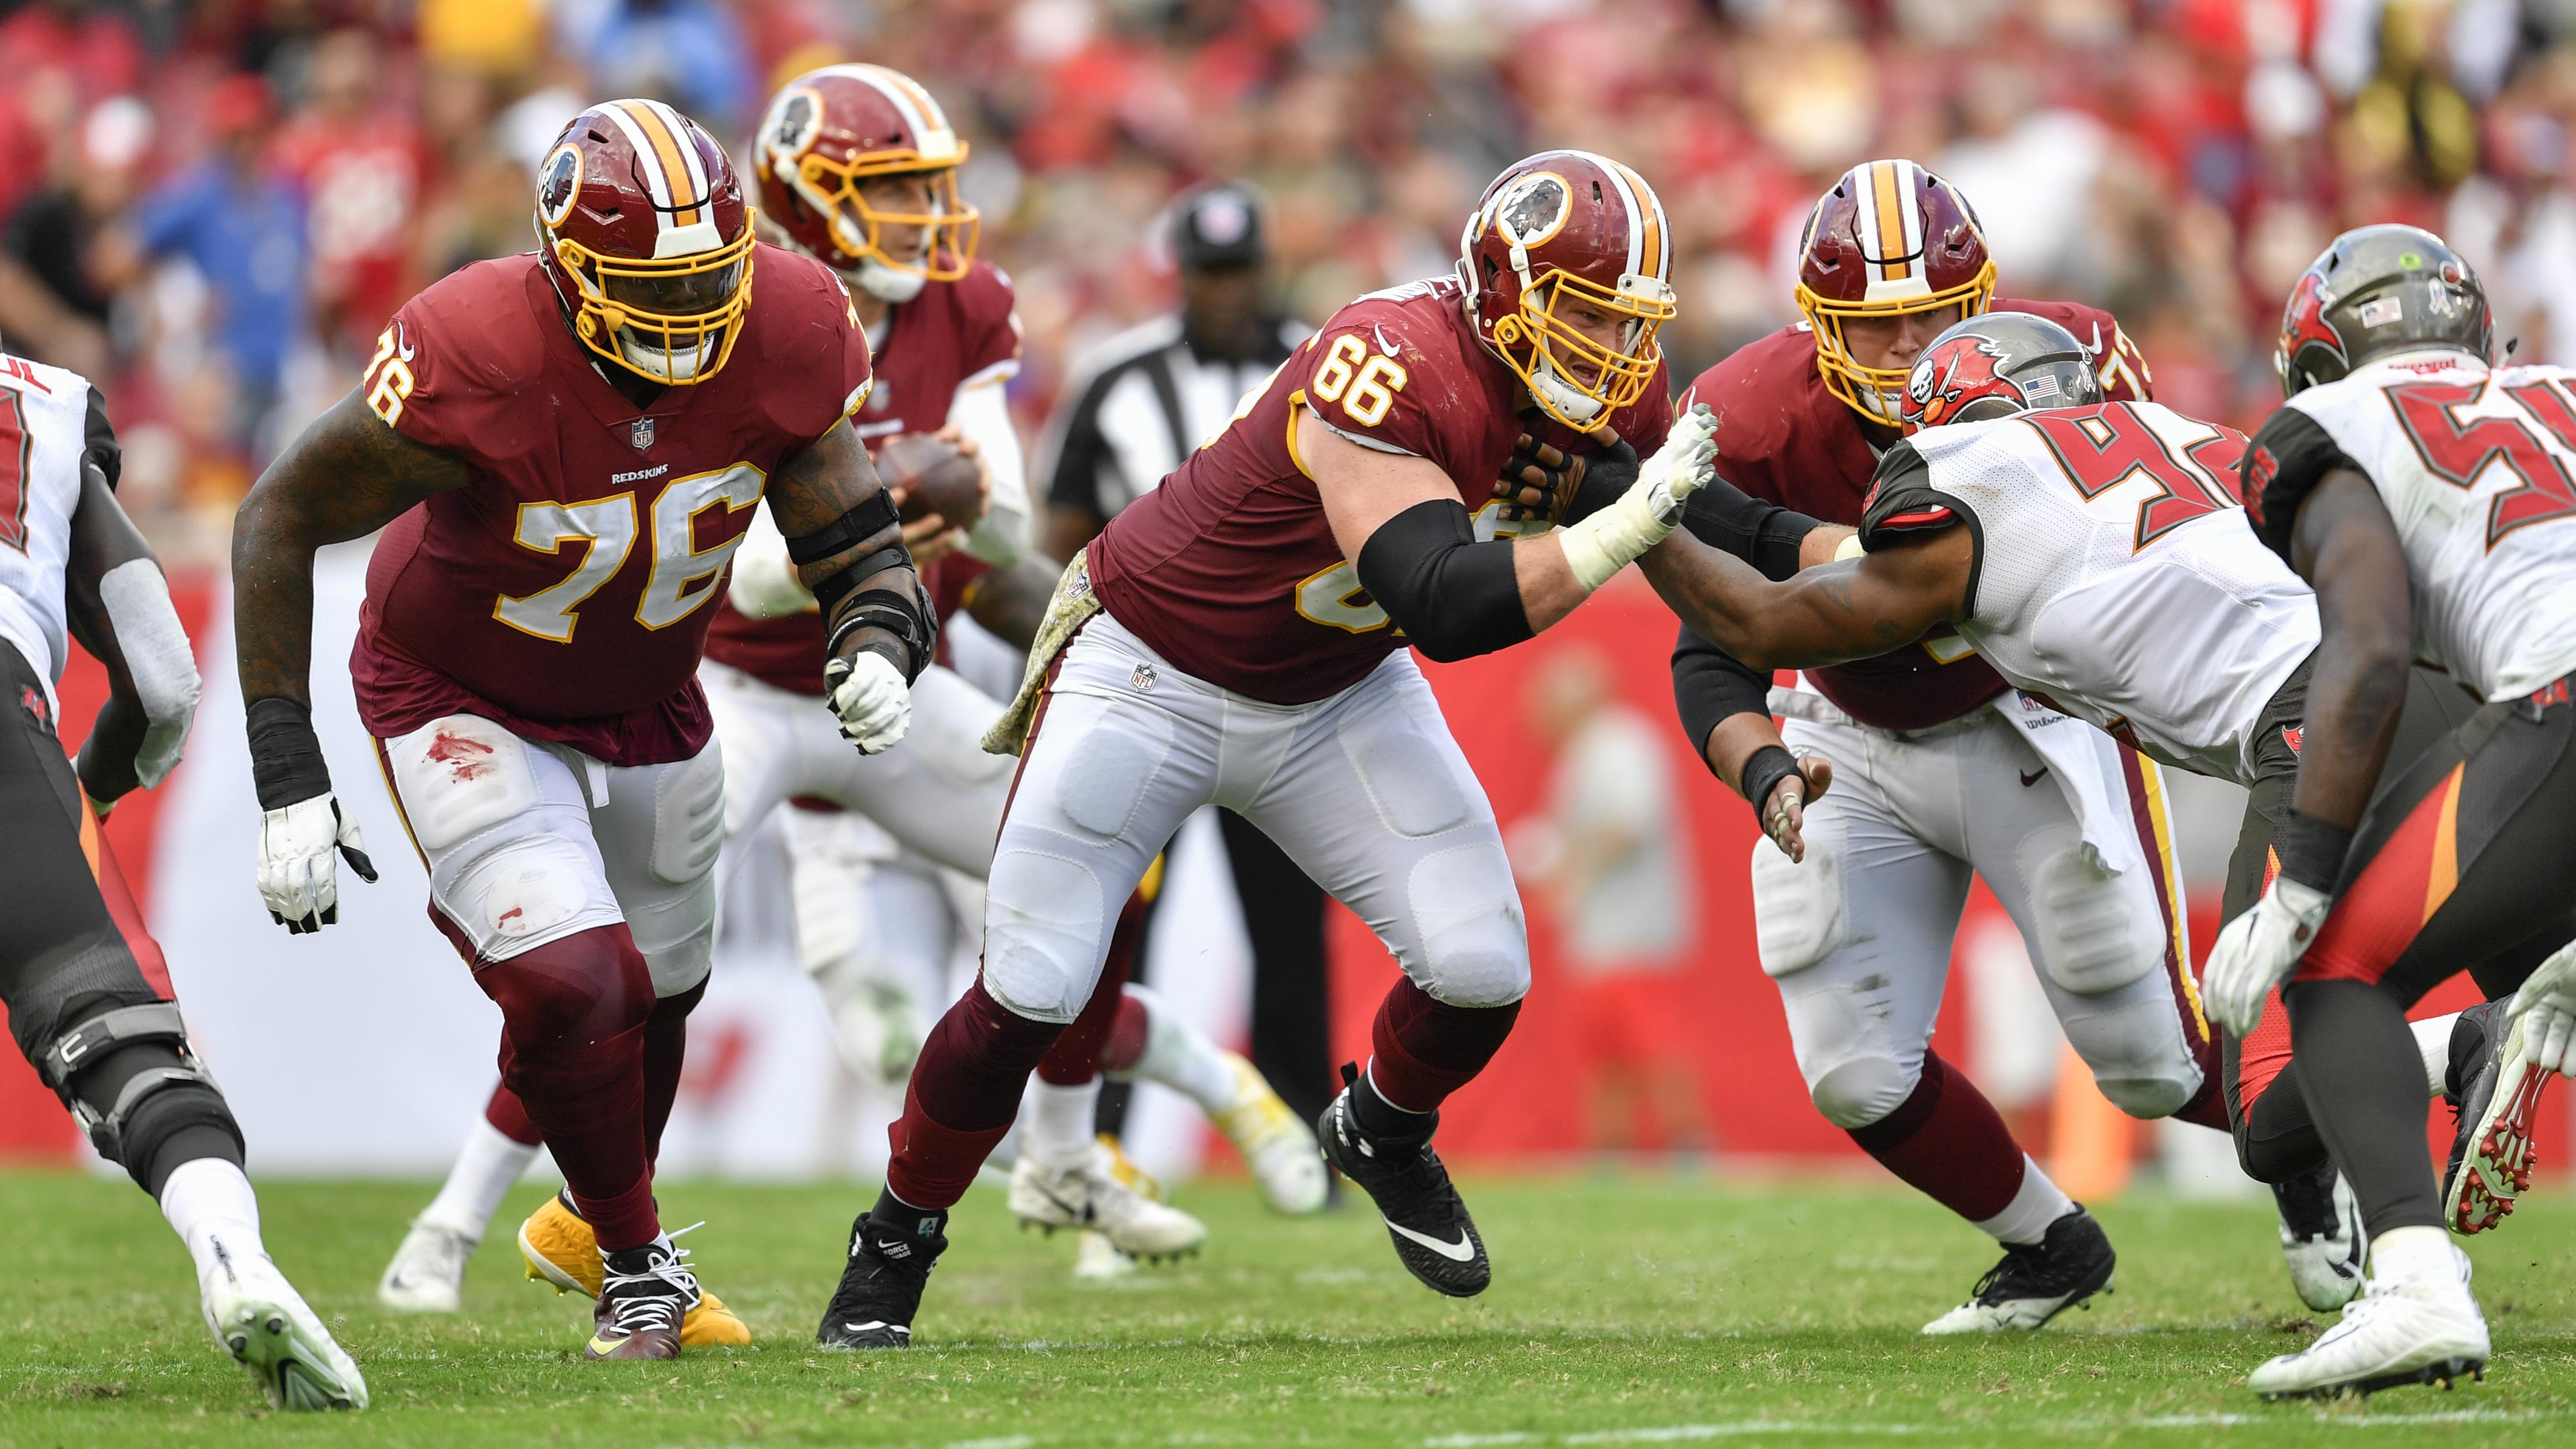 NFL: NOV 11 Redskins at Buccaneers